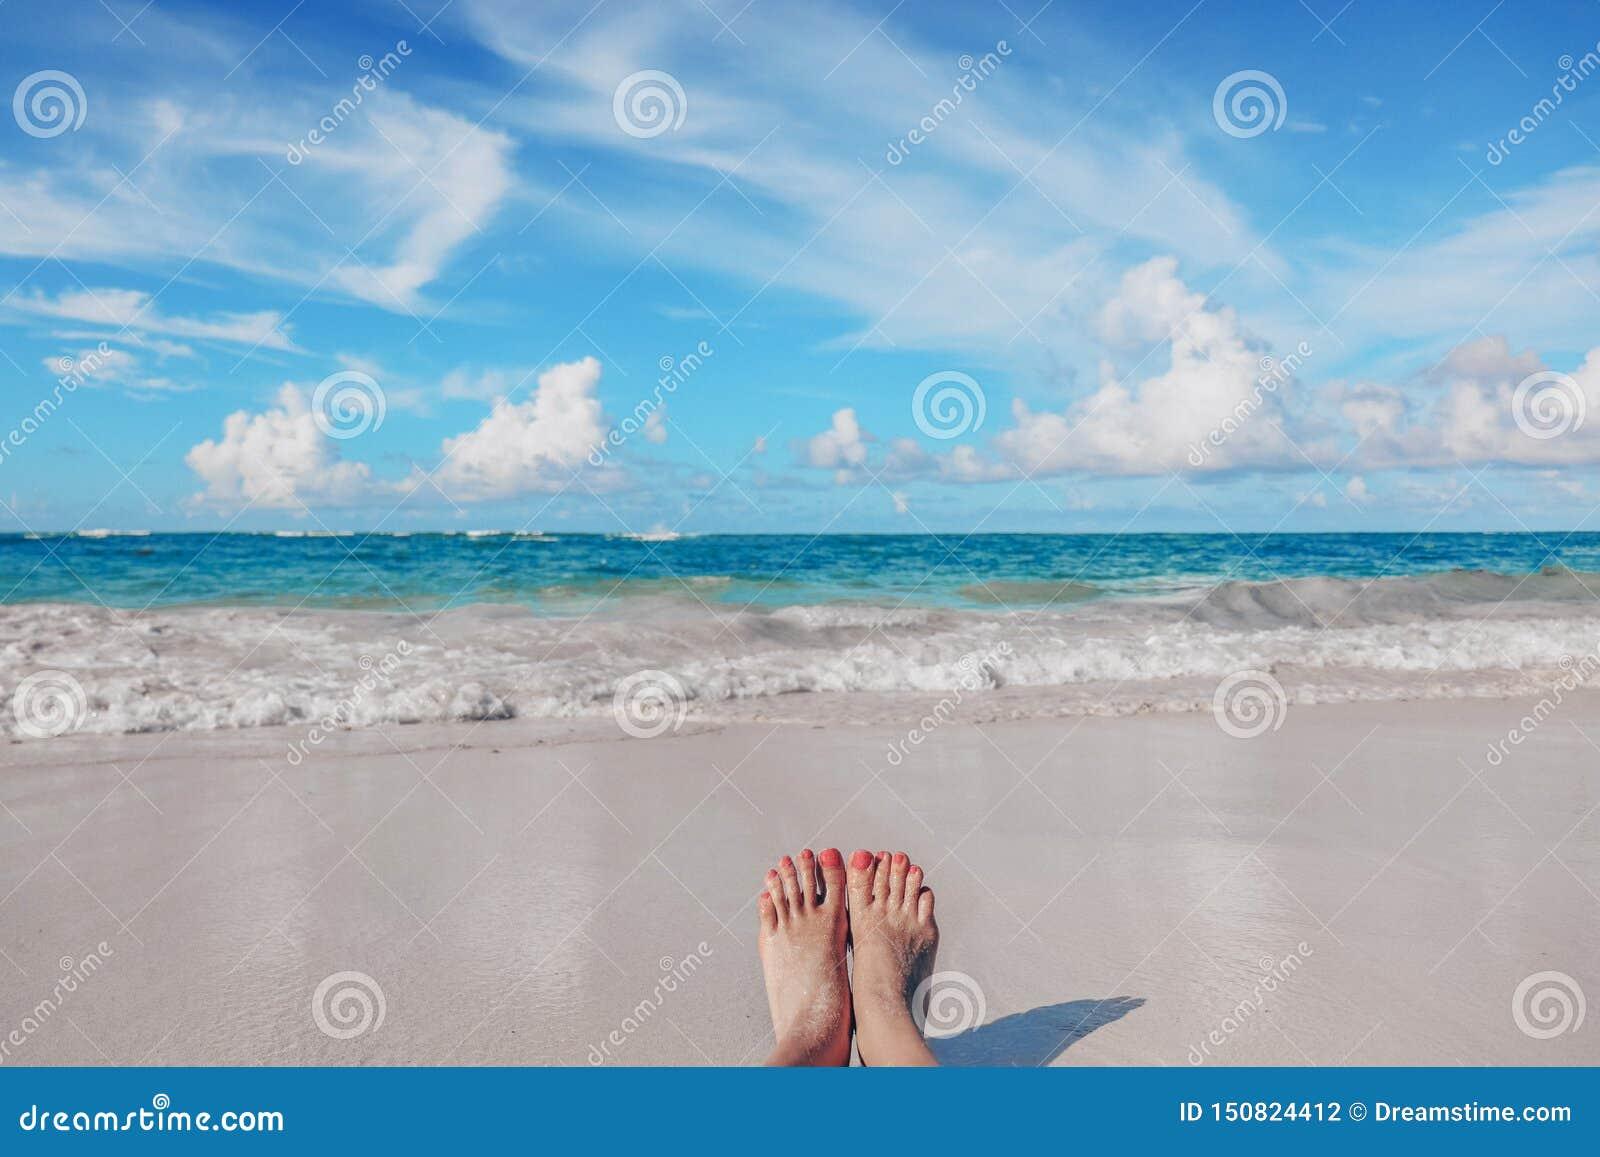 Die Füße der Frau auf dem tropischen karibischen Strand Ozean und blauer Himmel